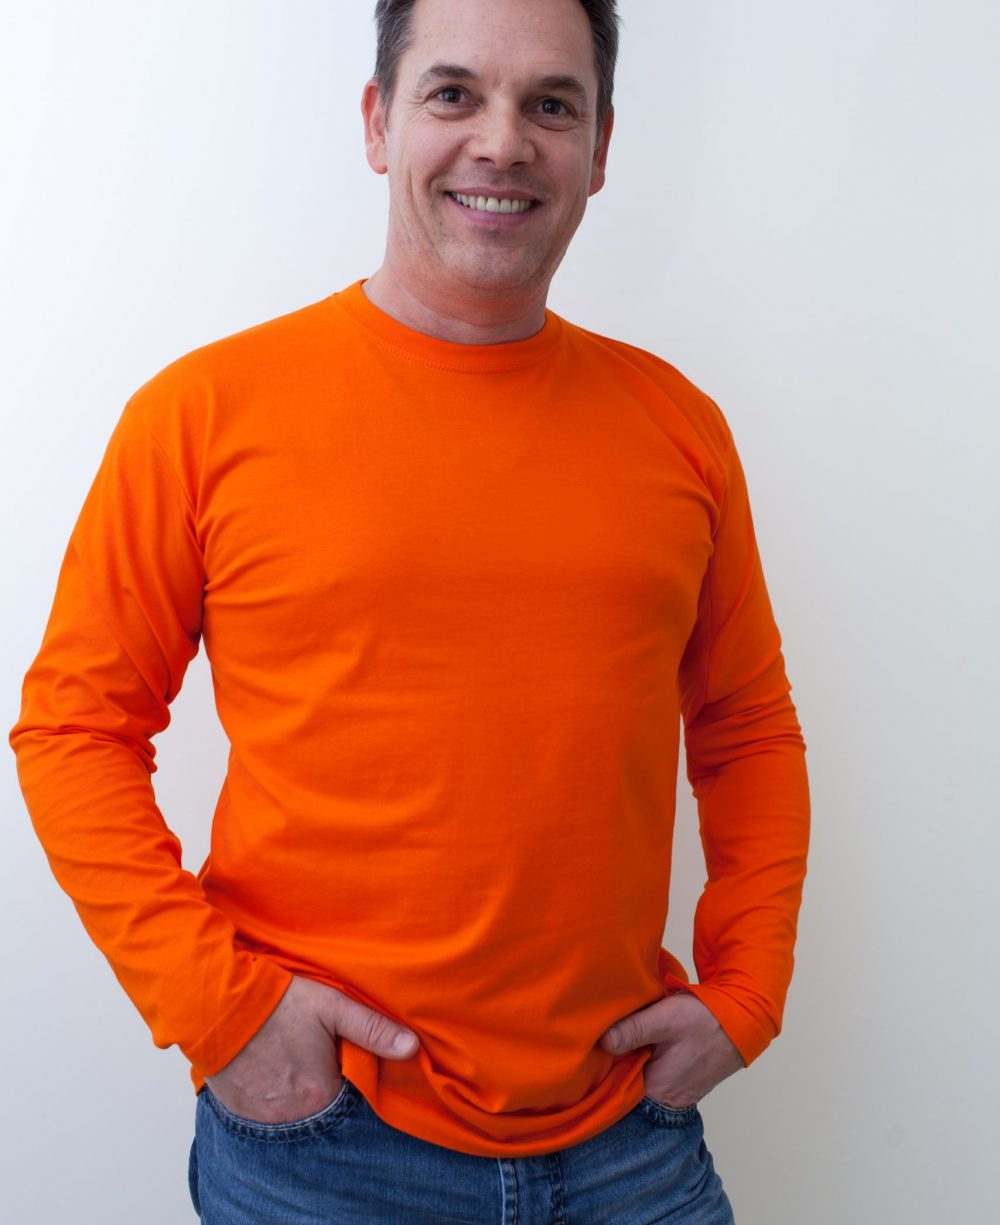 orange-Herrenshirt-für-dialysepatienten-mit-individuellem-reißverschluss-diazipp-dialysebekleidung-2